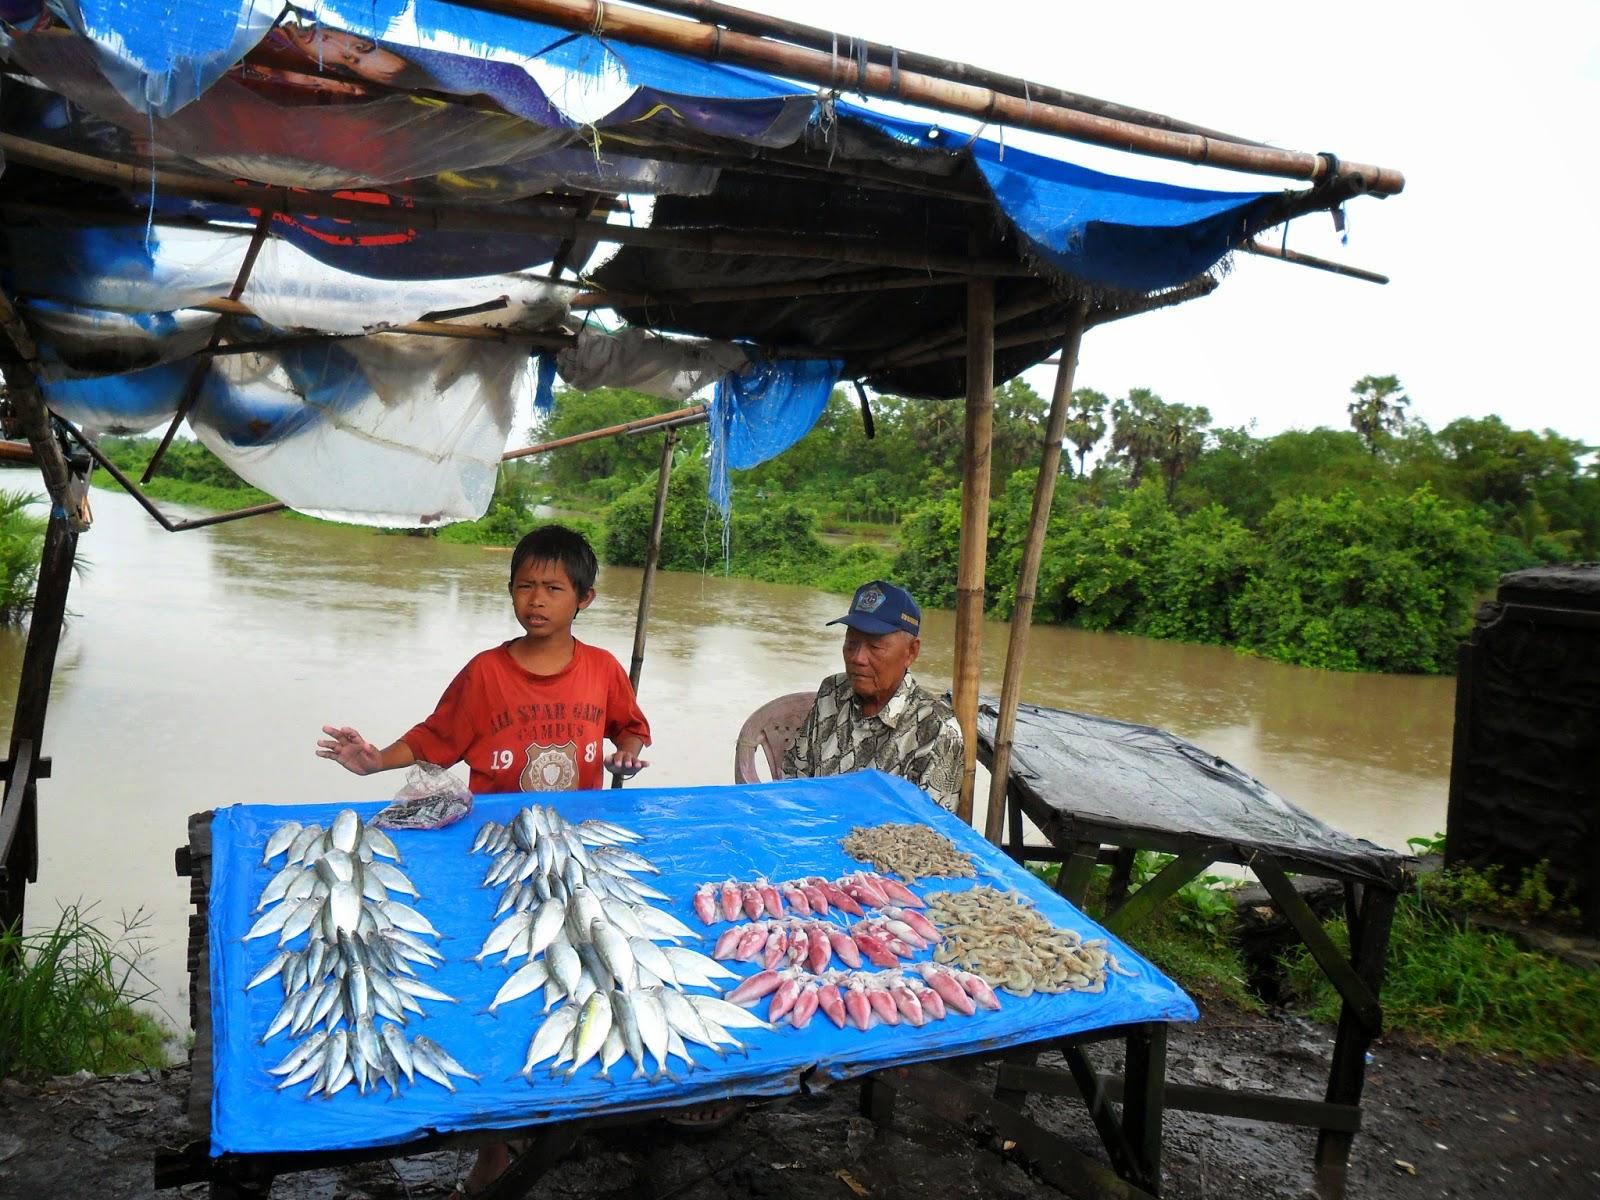 Pemilihan Pedagang Paling Unik Dari Indonesia Lucu Catatan Ngocol